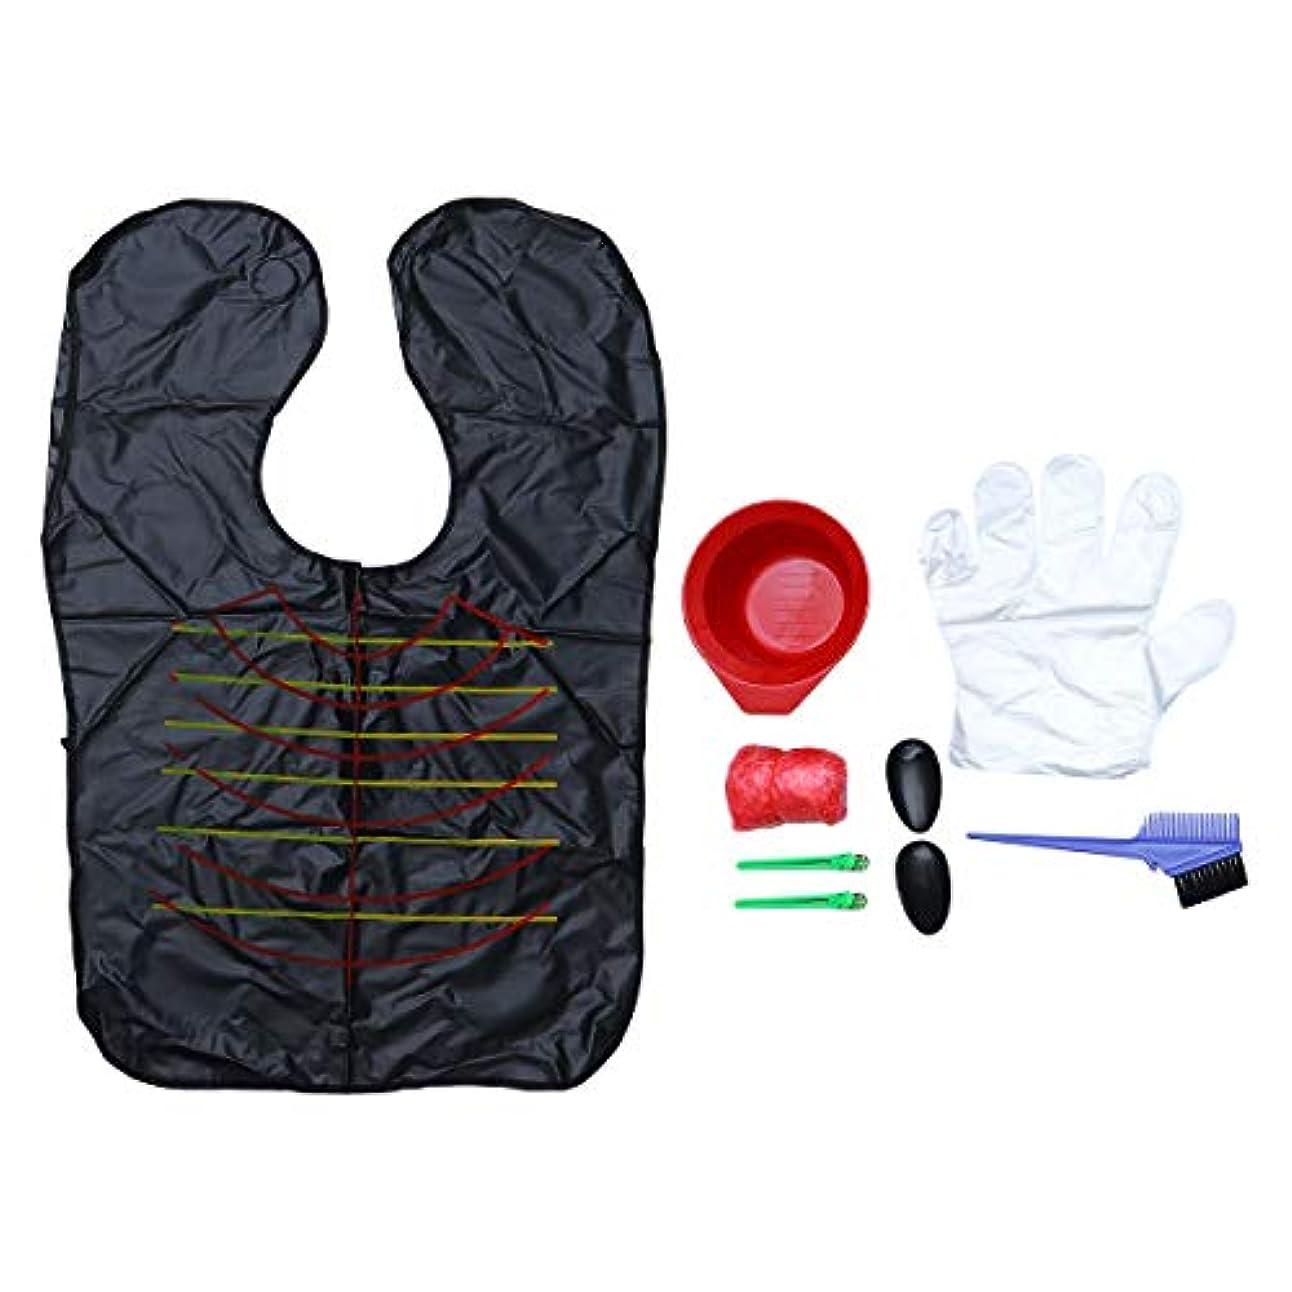 アダルトメロディー責任者Healifty 9Pcsヘアダイカラーリングキットヘアダイブラシボウルケープイヤーカバーヘアクリップヘアカラー手袋家庭用(ブラシ、ランダムカラー用クリップ)